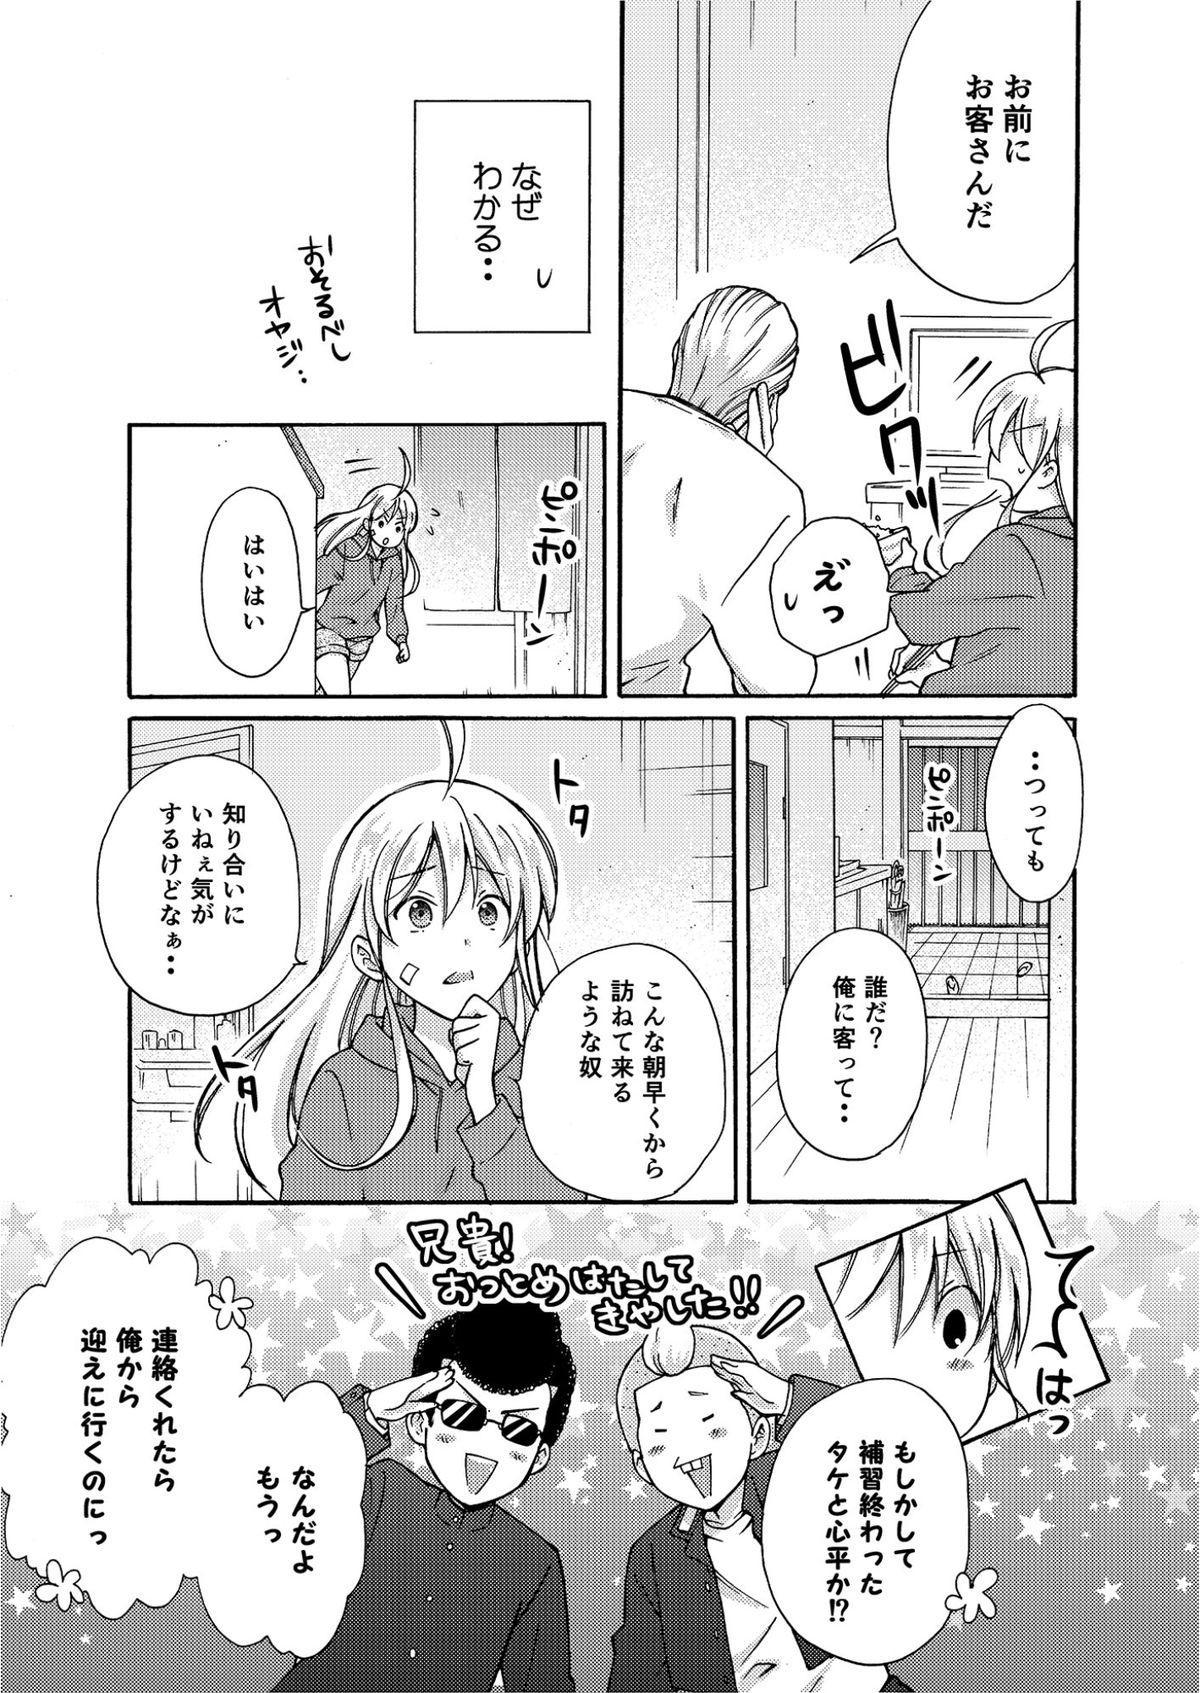 Nyotaika Yankee Gakuen ☆ Ore no Hajimete, Nerawaretemasu. 4 5